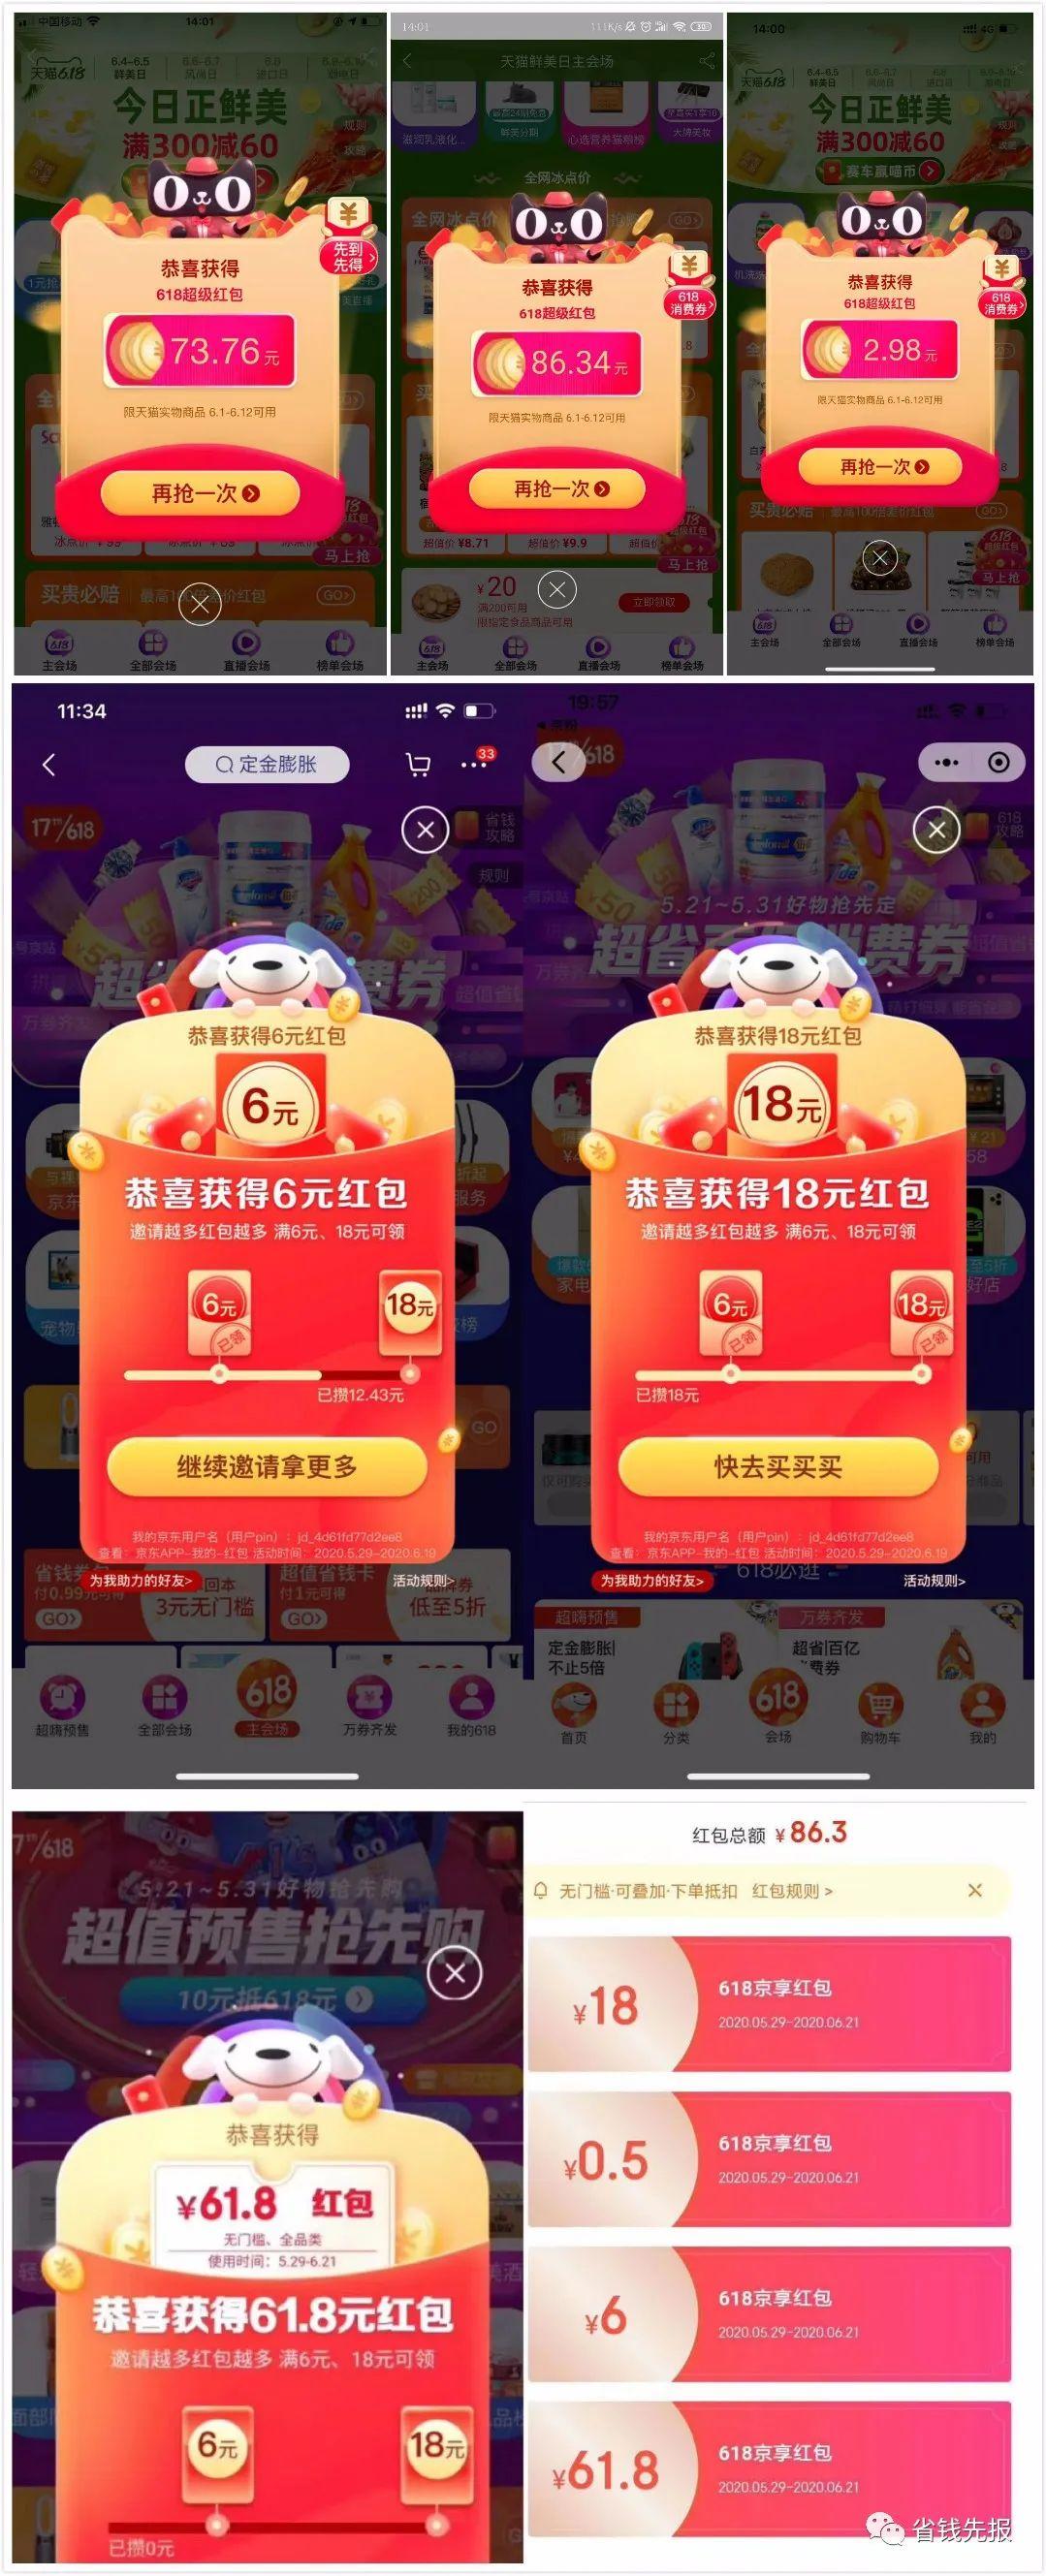 杭州银行APP绑定任意信用卡完成500还款领30元话费!